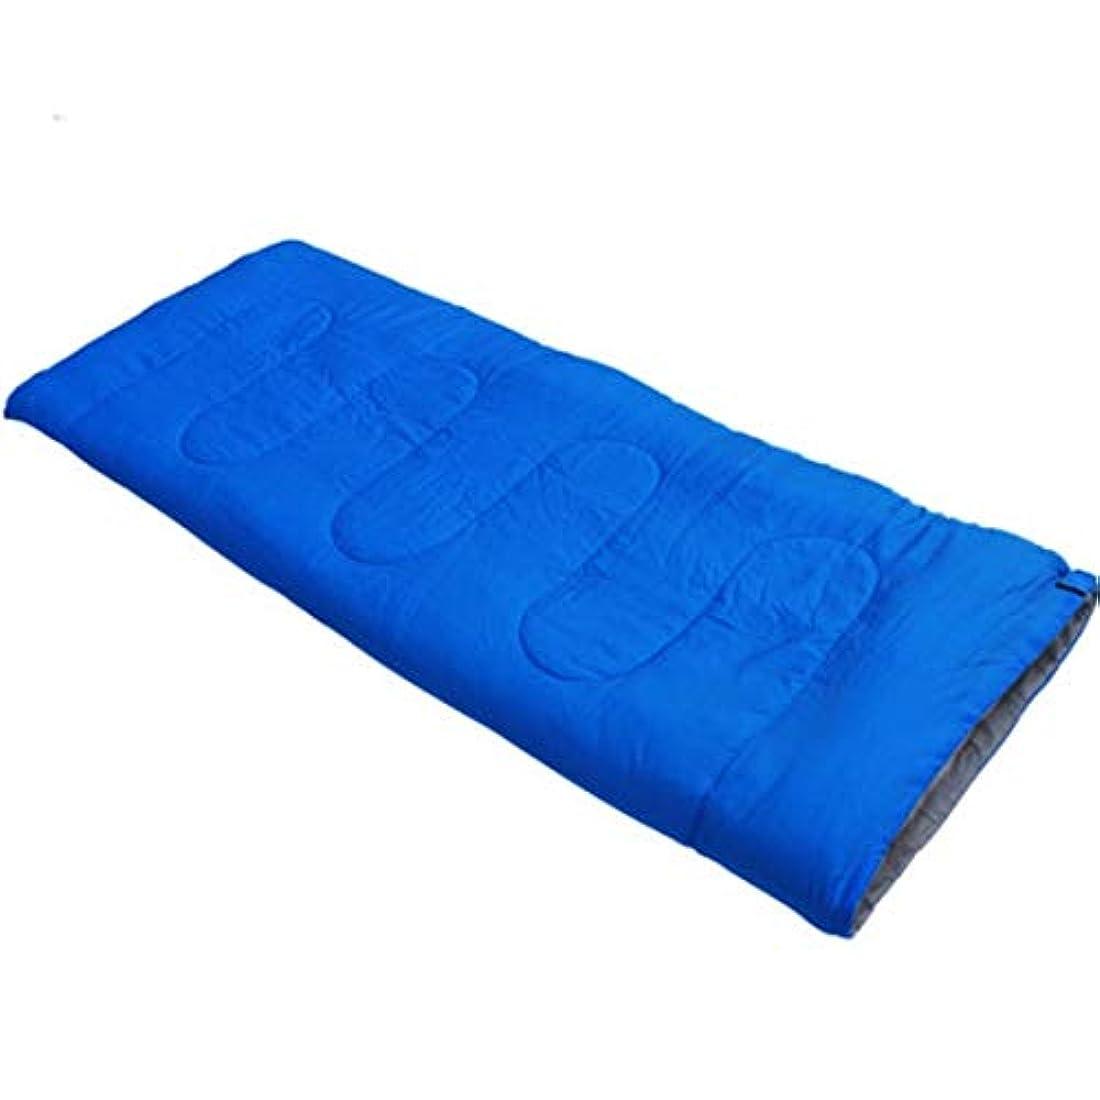 ランダムアウター苦しめるKainuoo 寝袋屋外キャンプランチ休憩肥厚春、夏、秋と冬の暖かい光キャンプ寝袋